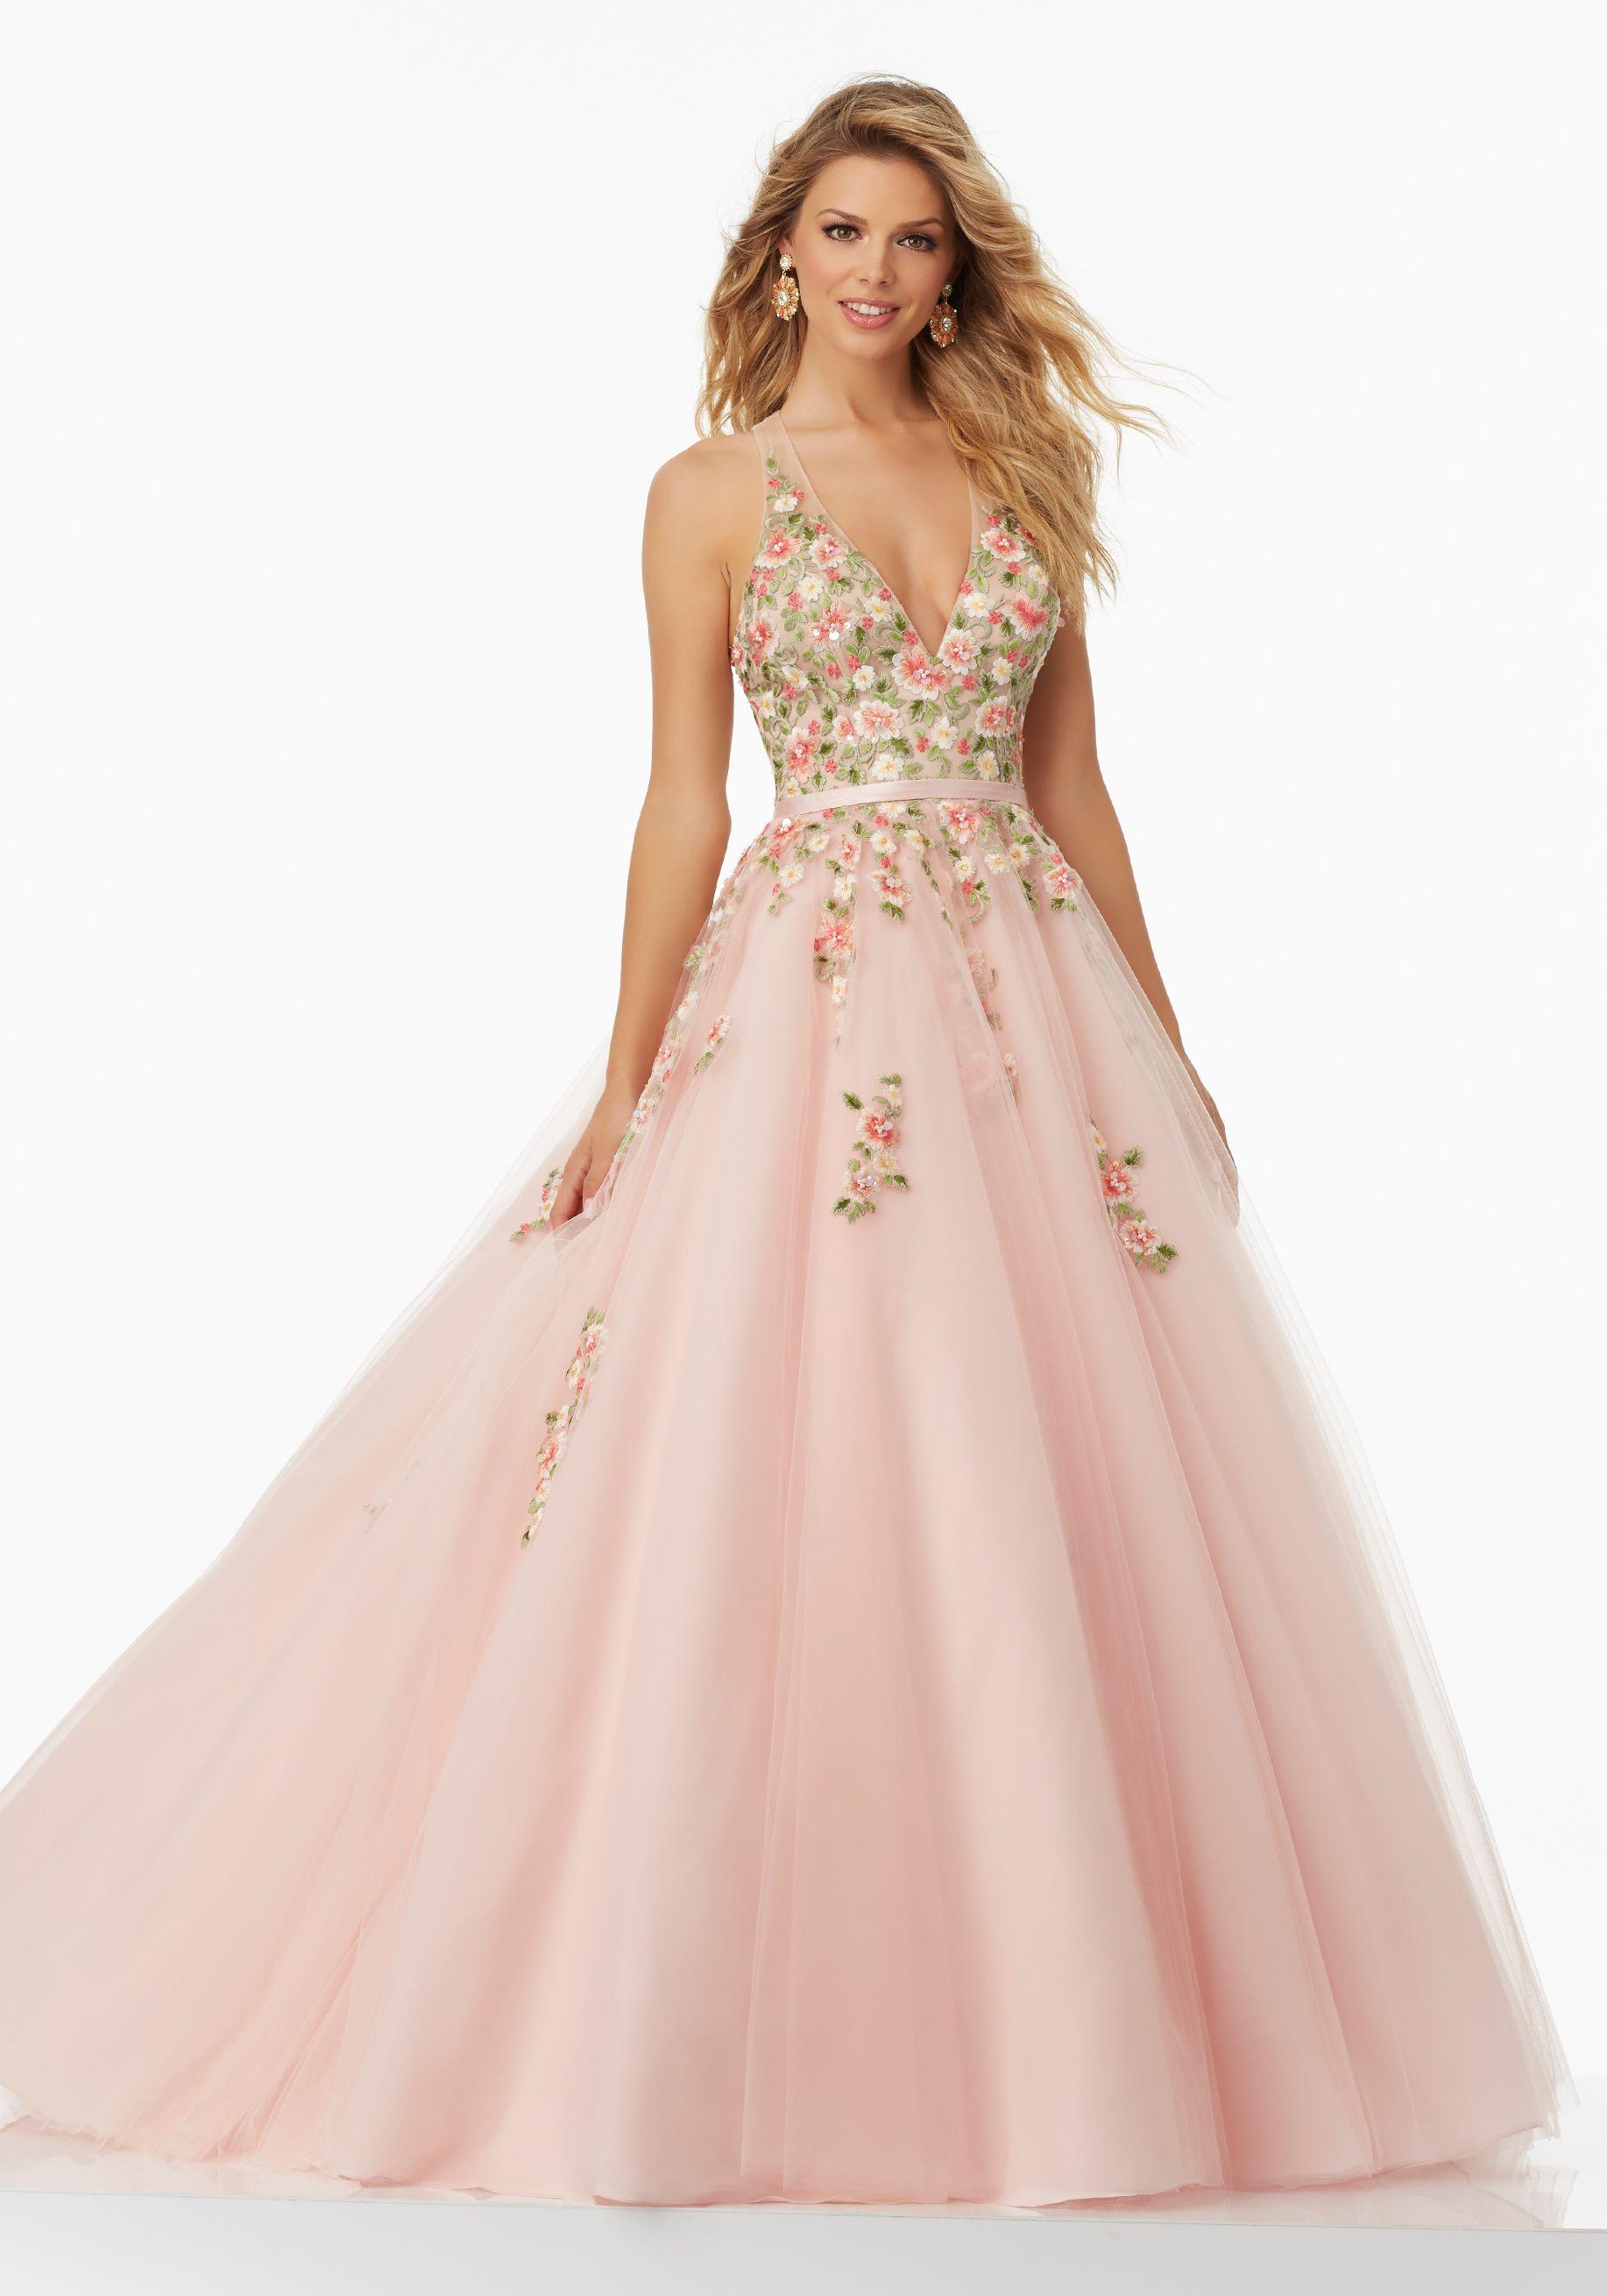 Prom Dresses by Morilee designed by Madeline Gardner. Floral ...